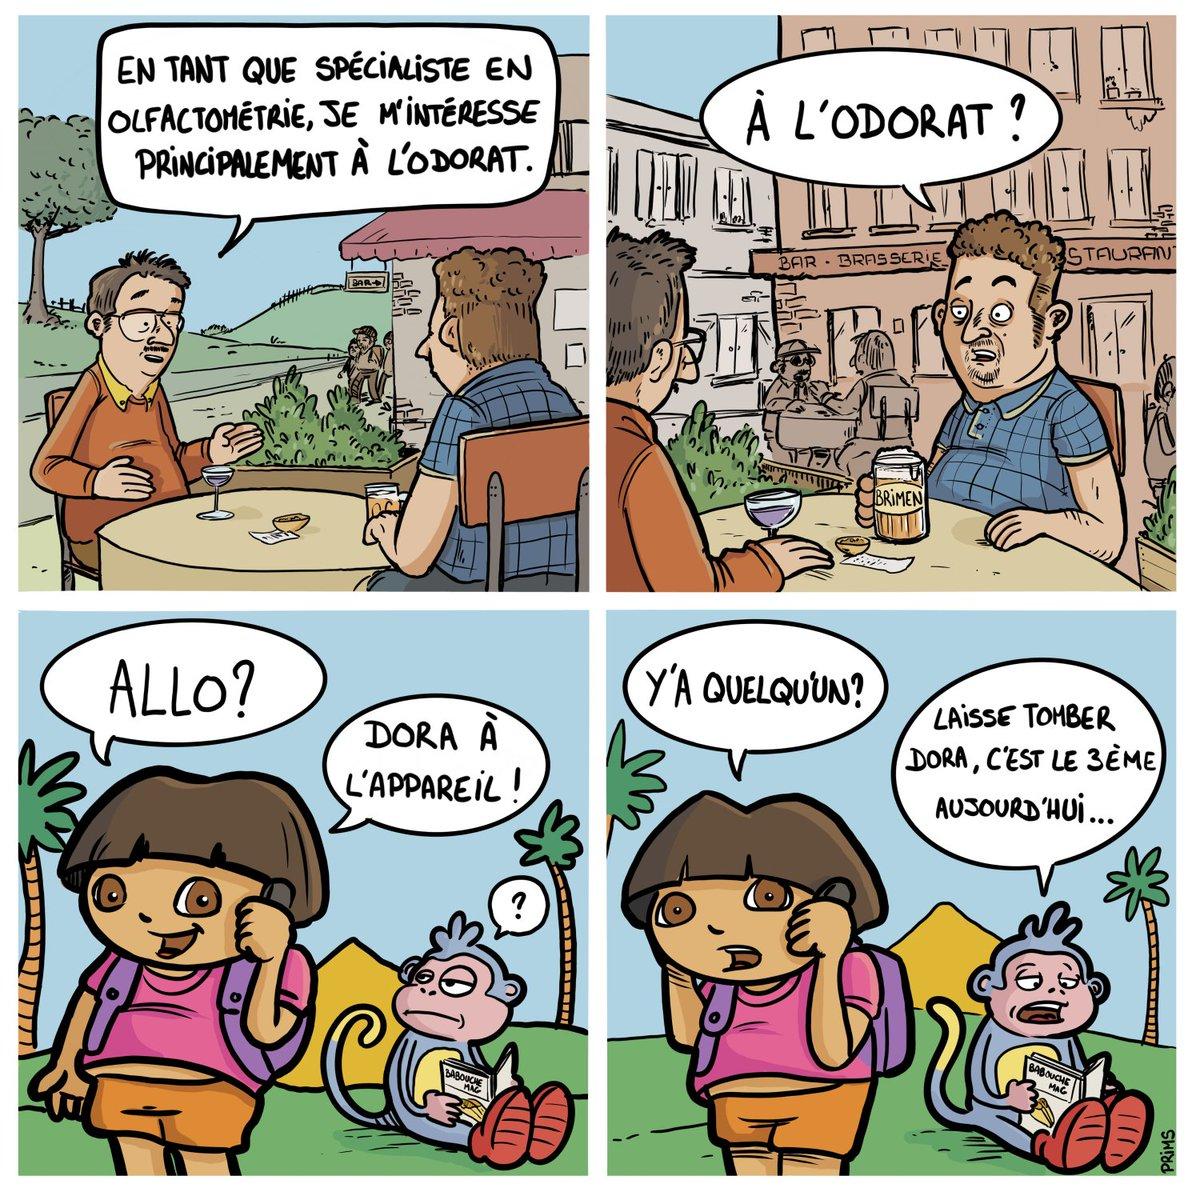 De plus en plus de gens s'intéressent à l'odorat. Et vous ? #bd #bede #bédé #bandedessinee #bandedessinée #absurde #humour #humourabsurde #comicstrip #webcomic #dora #allodora